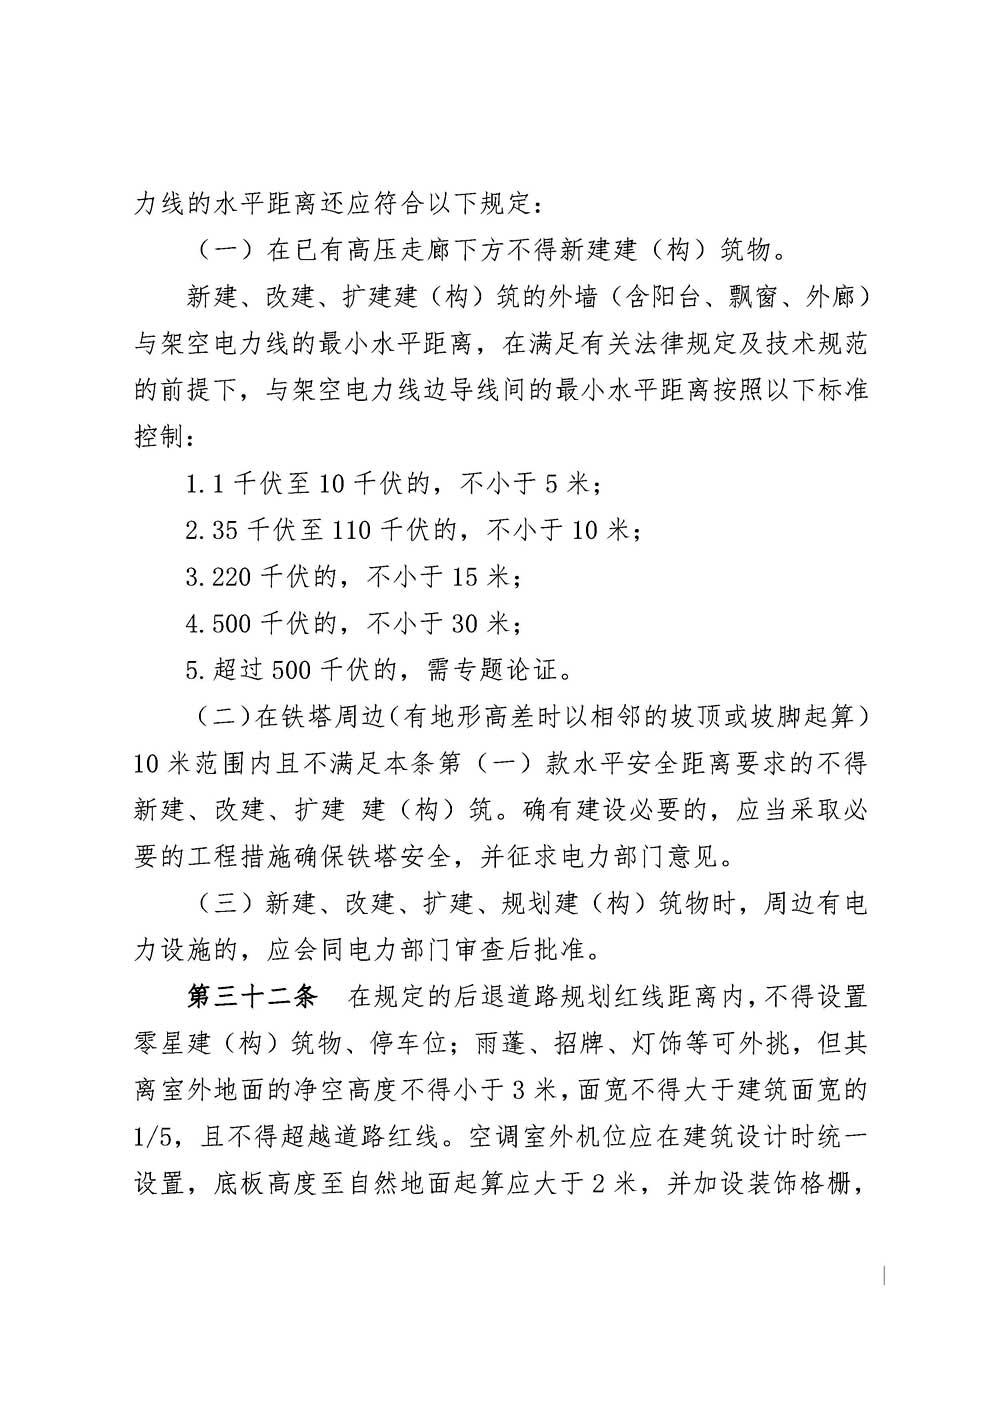 贵阳市停水通知2013_遵义市城市规划管理技术规定 2018年 建标库